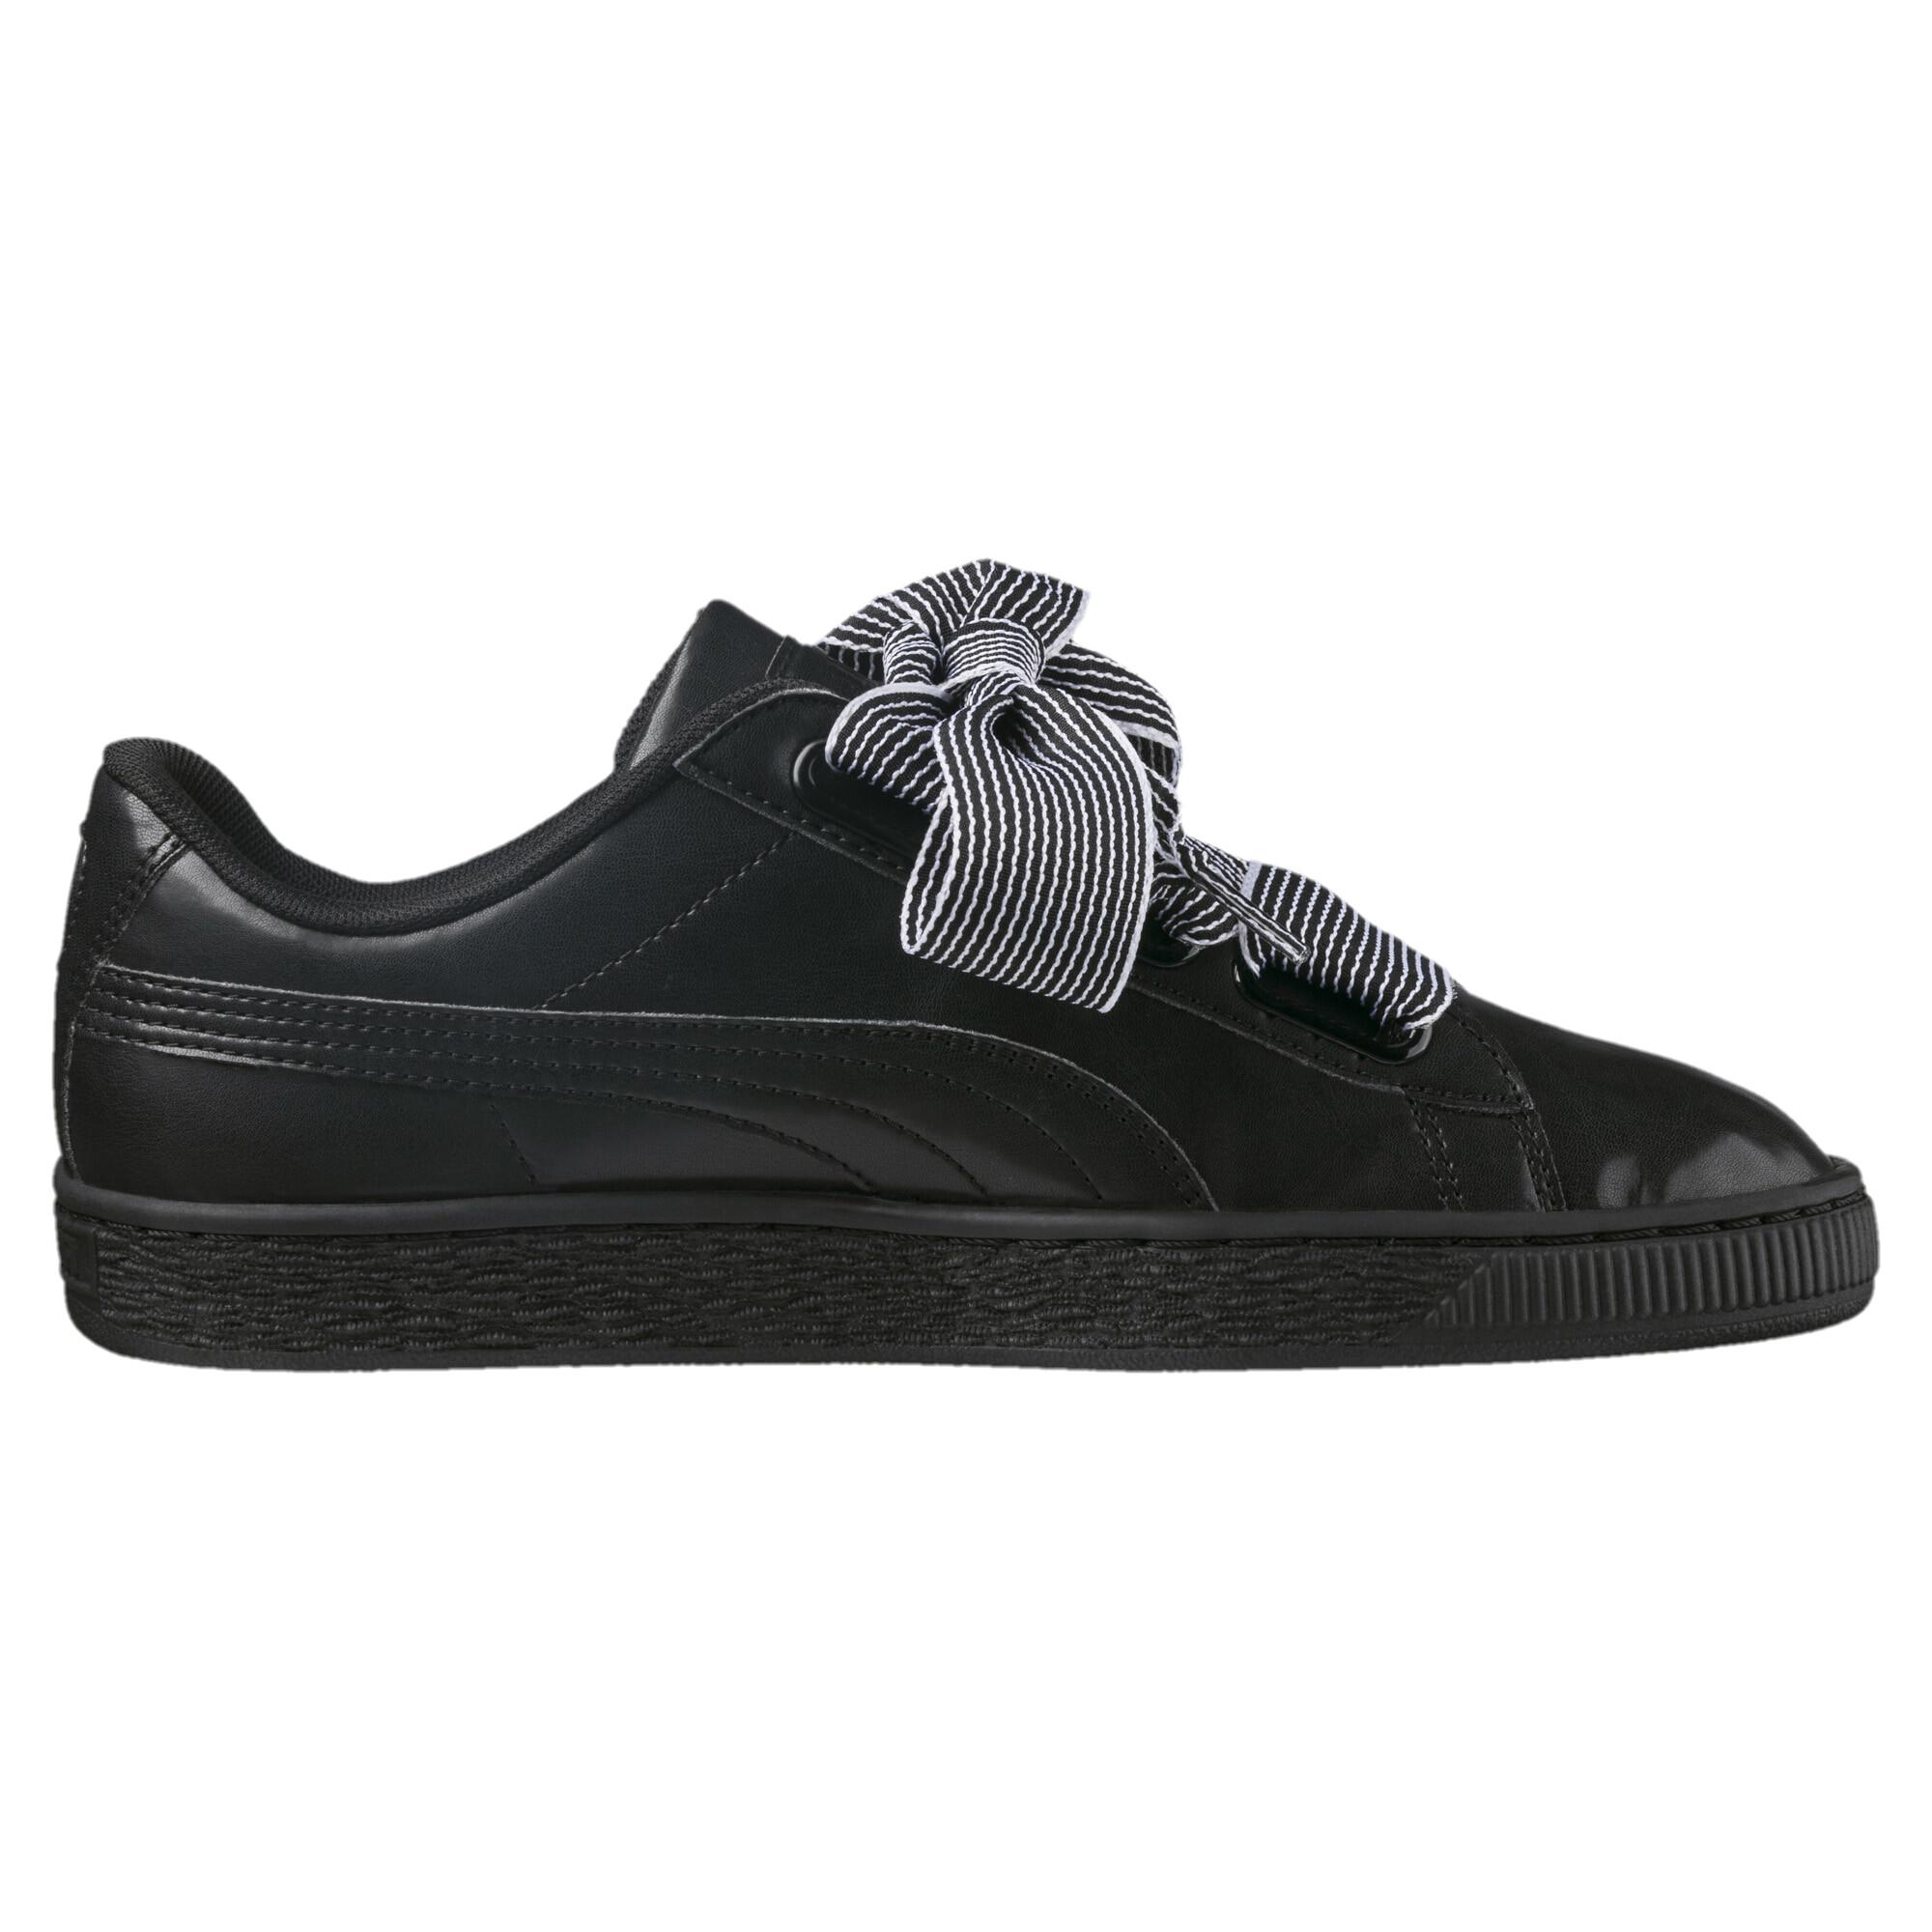 Image Puma Women's Basket Heart Sneakers #3